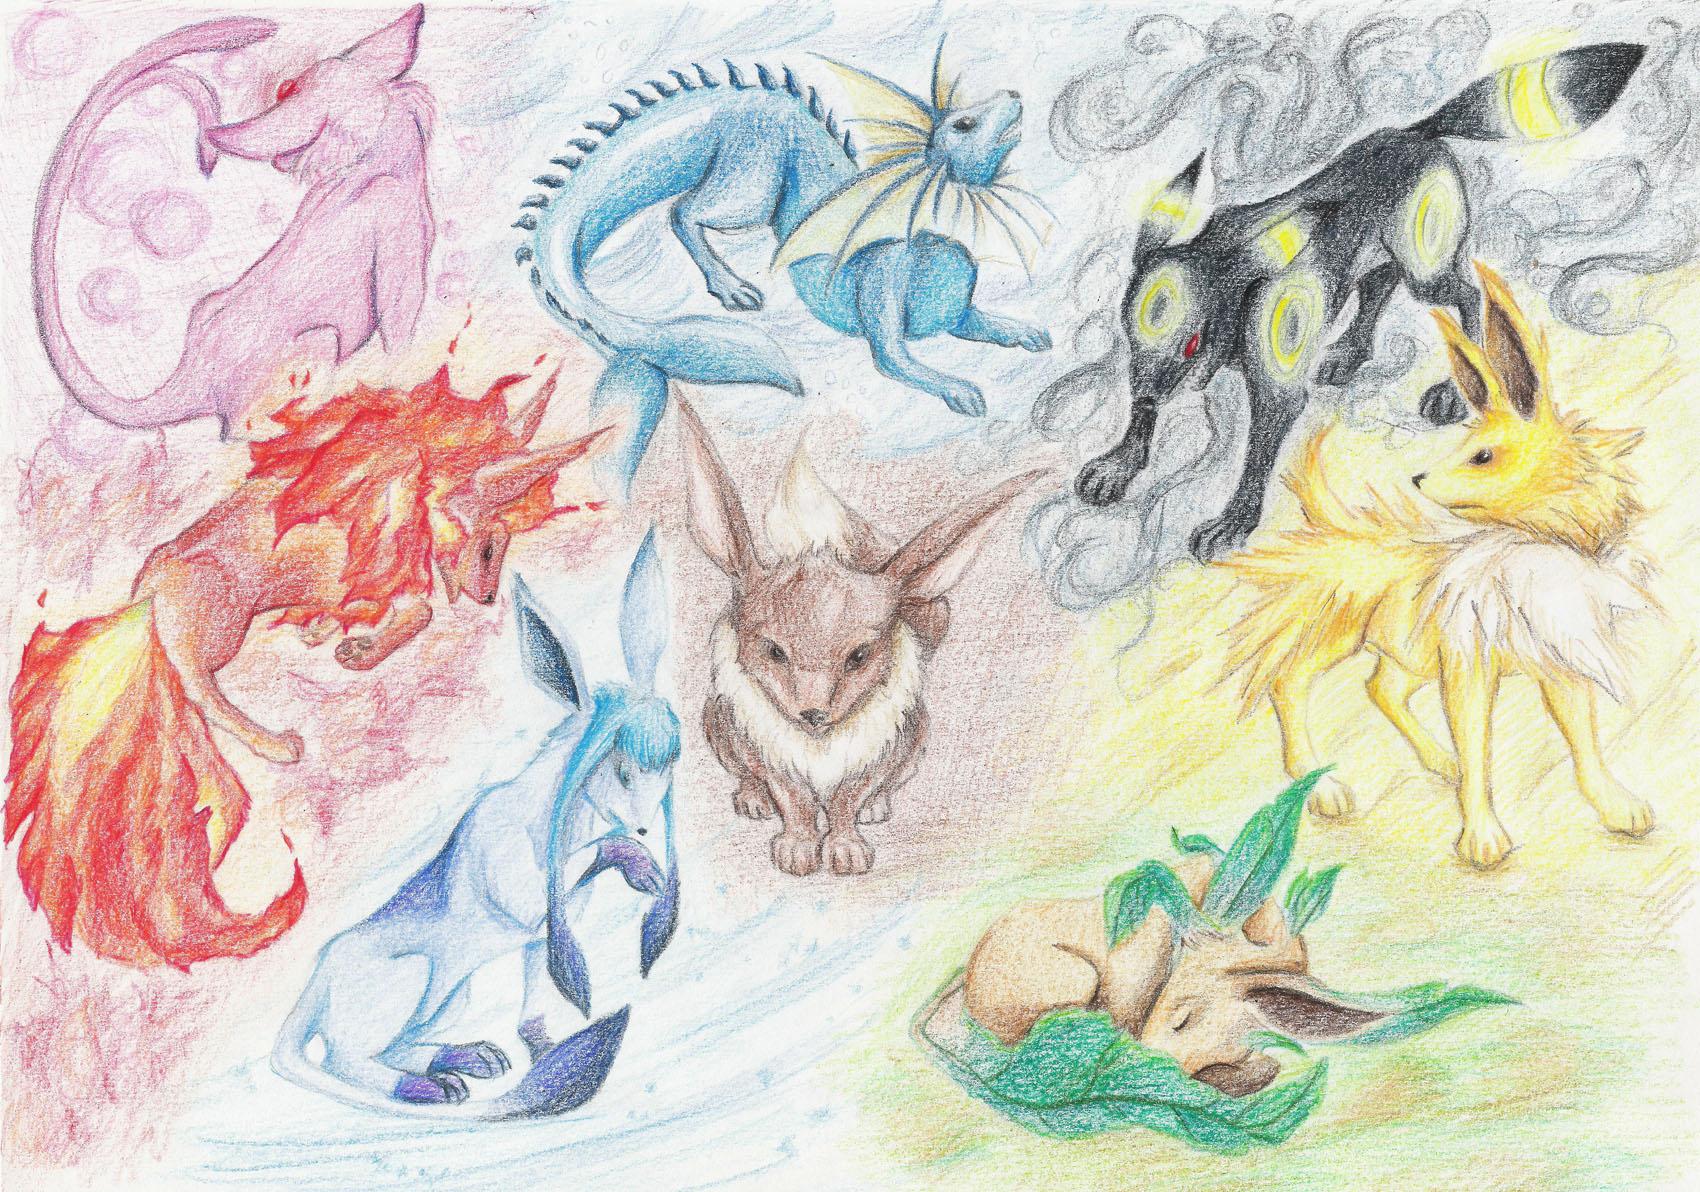 Pokémon-Zeichnung: Eeveelutions